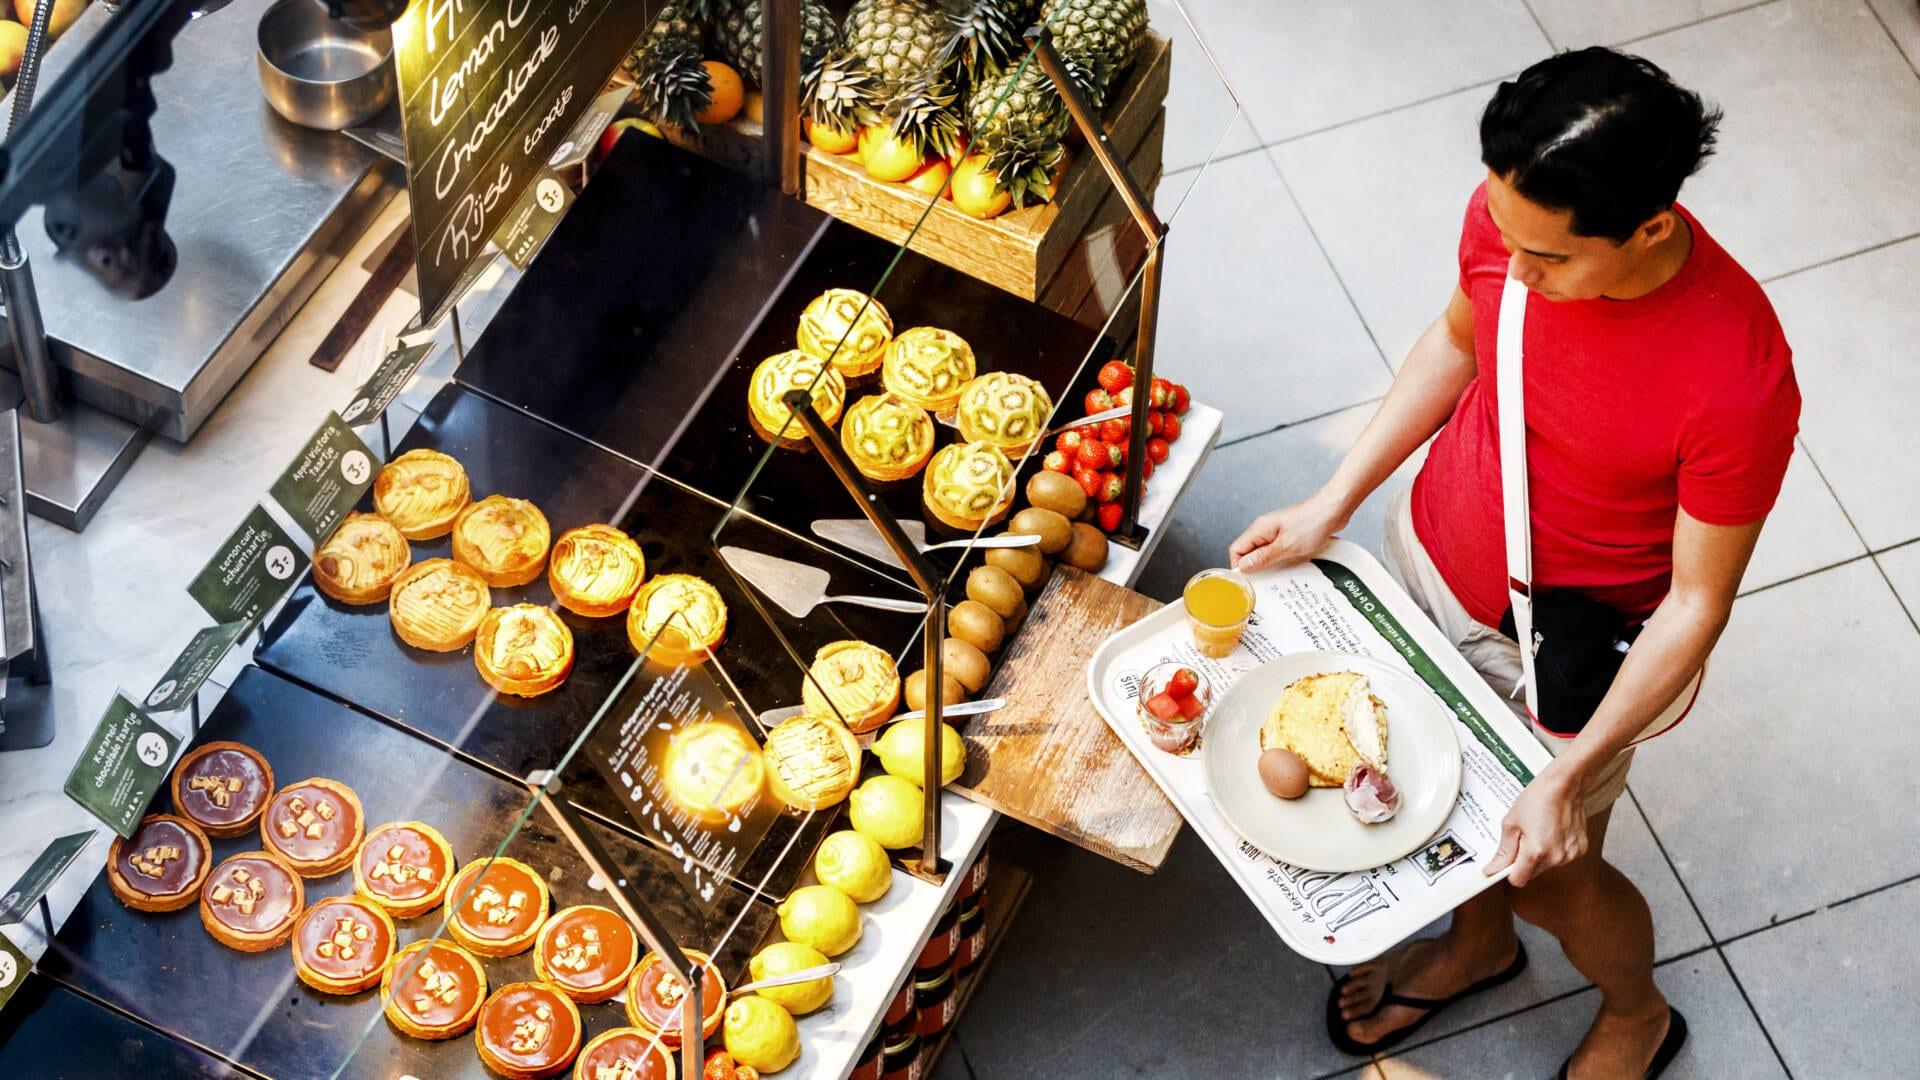 سلسلة مطاعم La Place تغلق أكثر من ربع فروعها ومئات الوظائف في خطر بالعربي